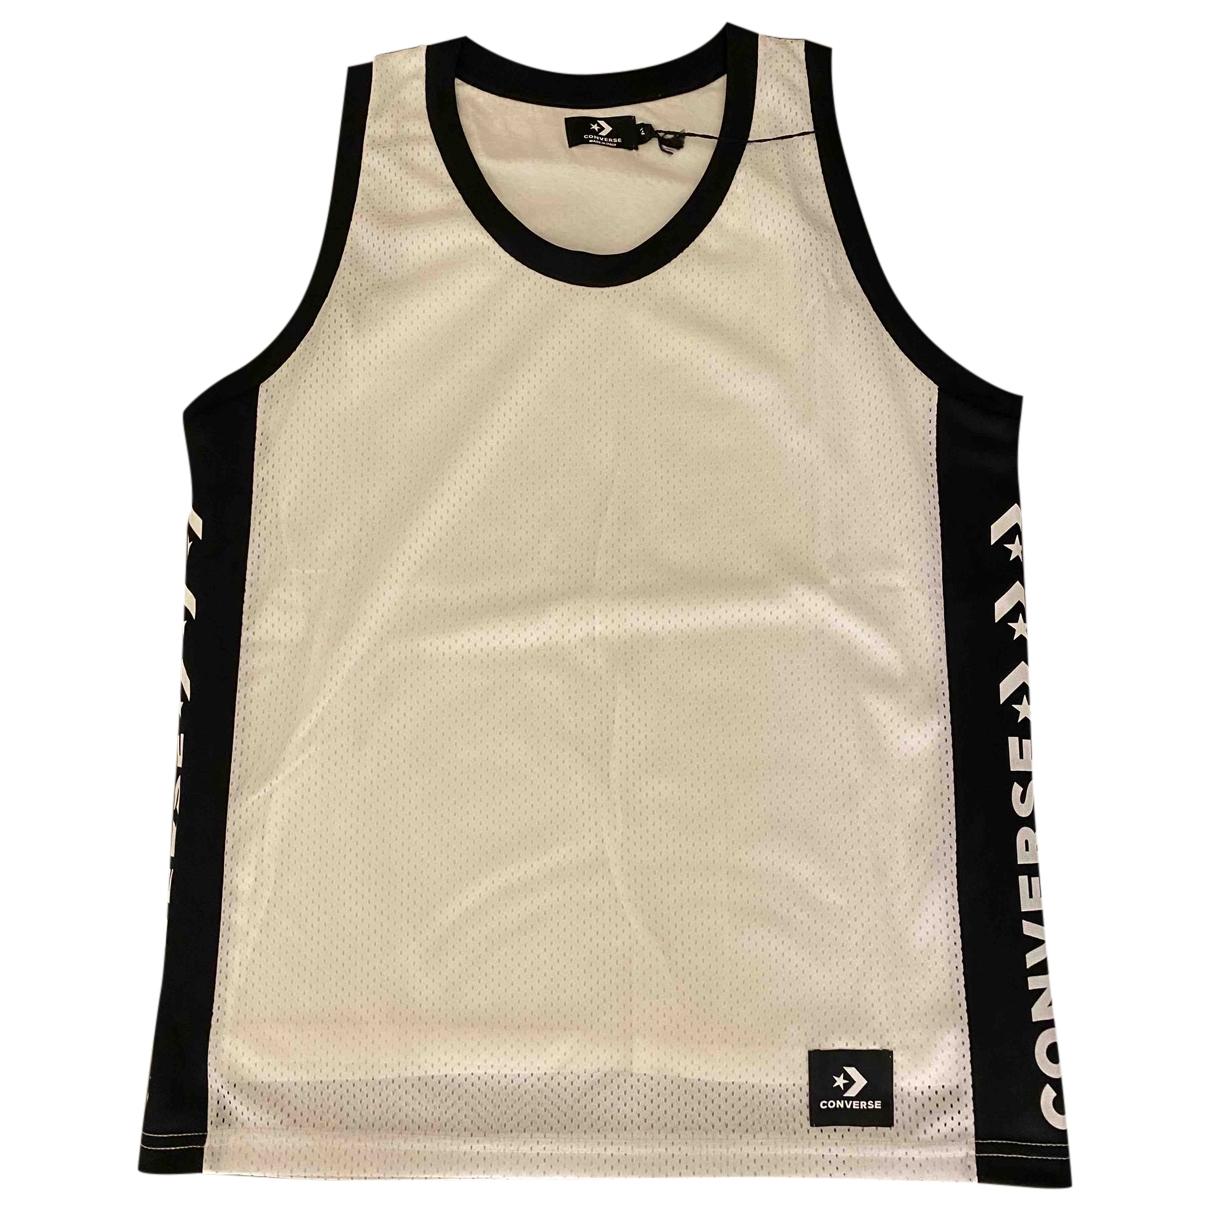 Converse - Tee shirts   pour homme en coton - blanc